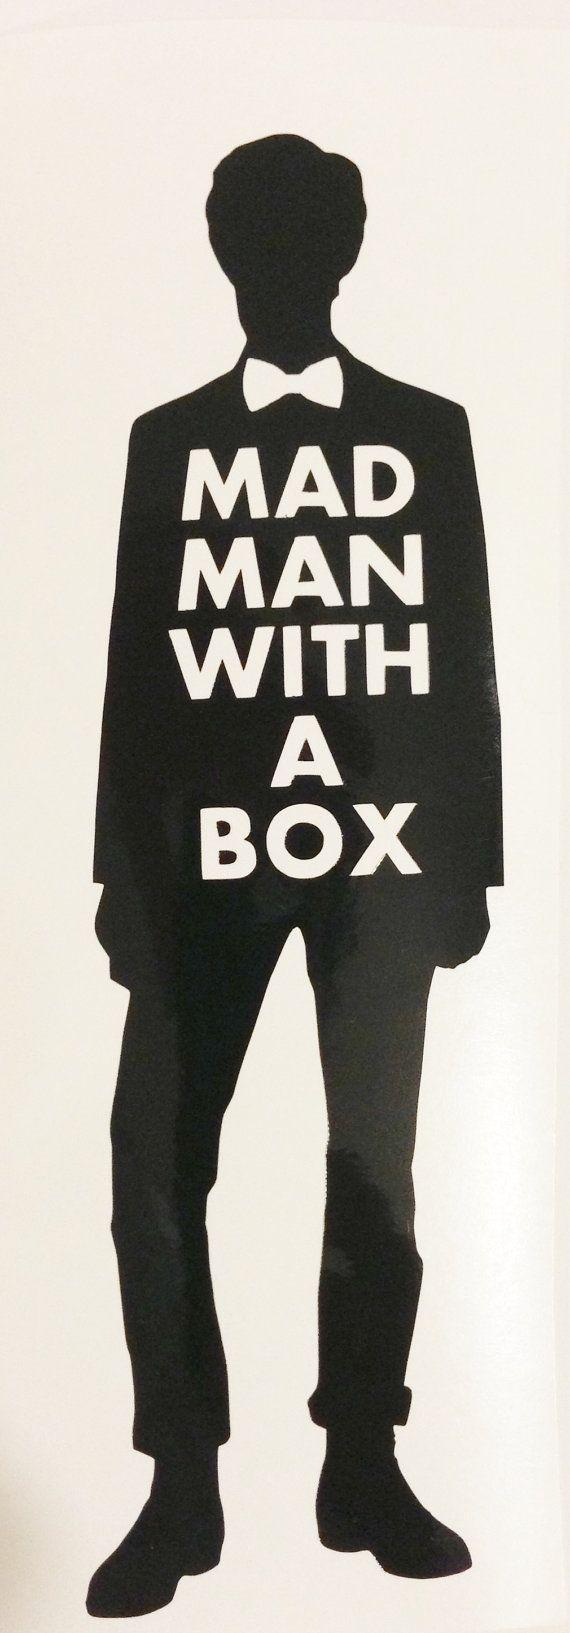 Doctor Who inspiré-onzième docteur Mad Man avec un boîte vinyle autocollant